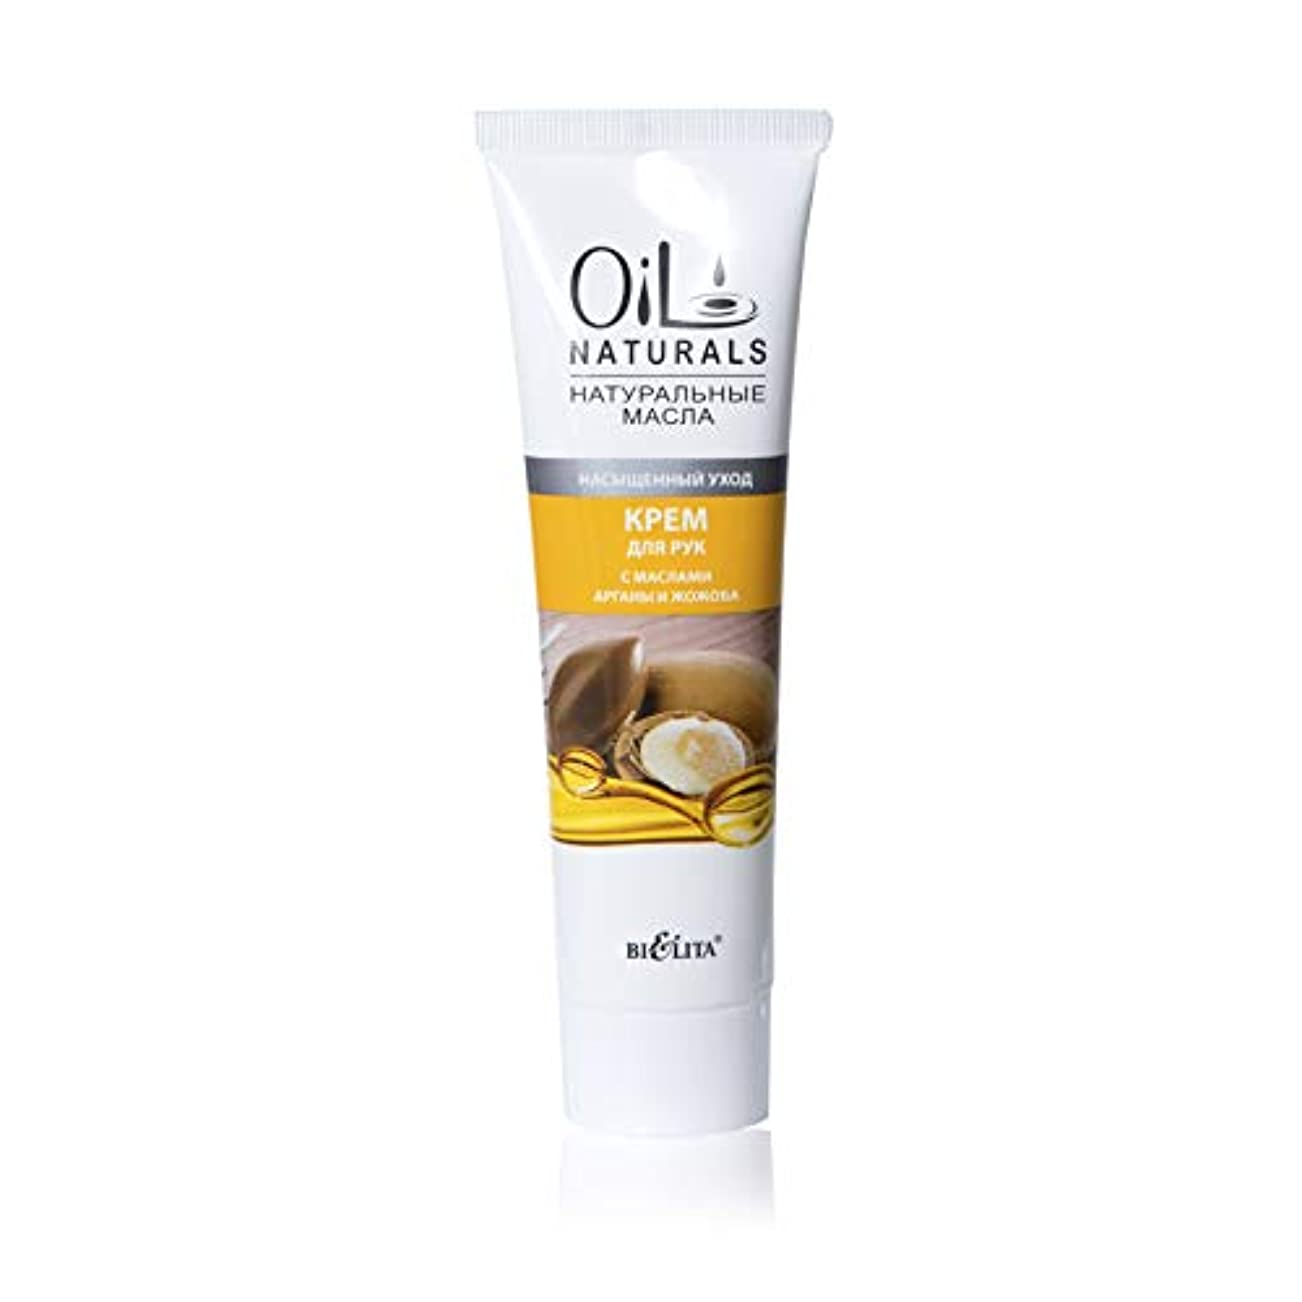 の間での面では猫背Bielita & Vitex Oil Naturals Line | Saturate Care Hand Cream, 100 ml | Argan Oil, Silk Proteins, Jojoba Oil, Vitamins